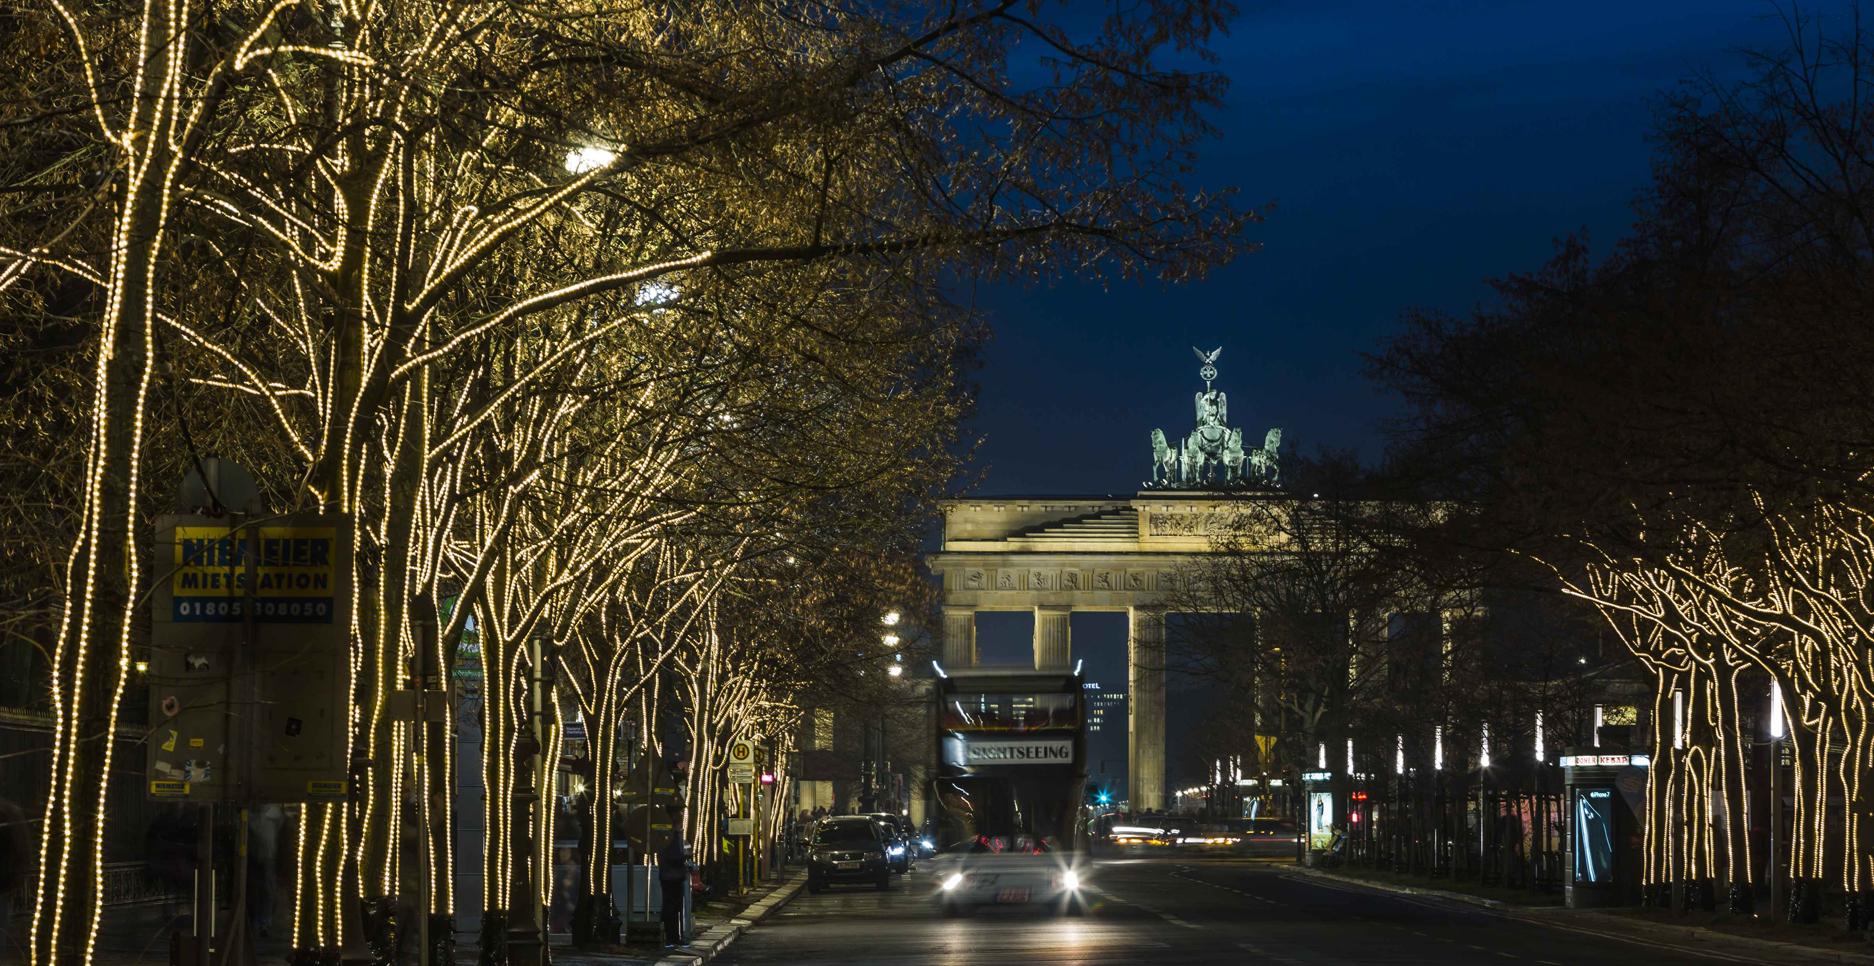 Unter Den Linden Weihnachtsbeleuchtung.Endlich Ist Advent Gasag